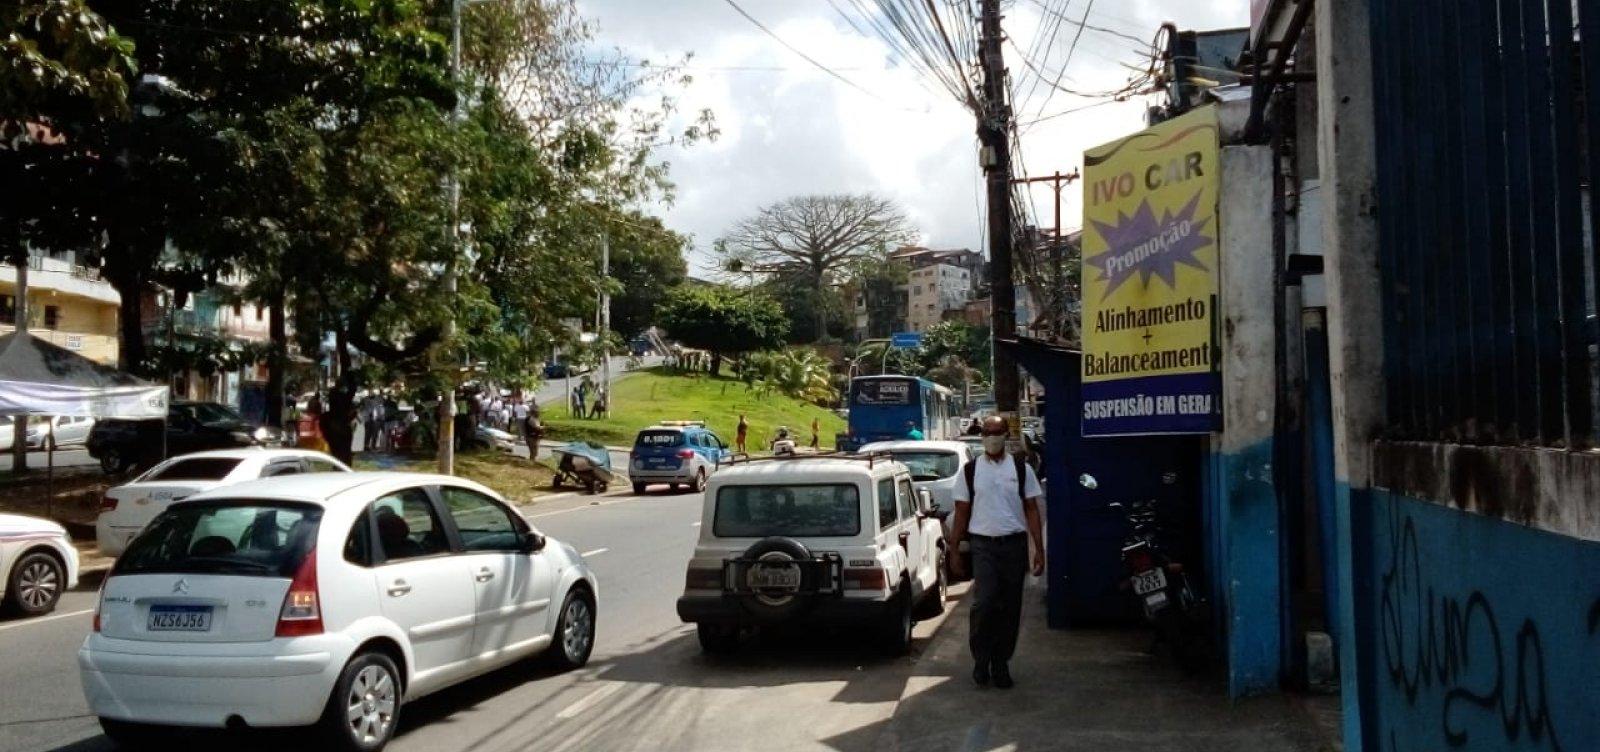 [Grupo de rodoviários faz manifestação na entrada da Estação da Lapa]